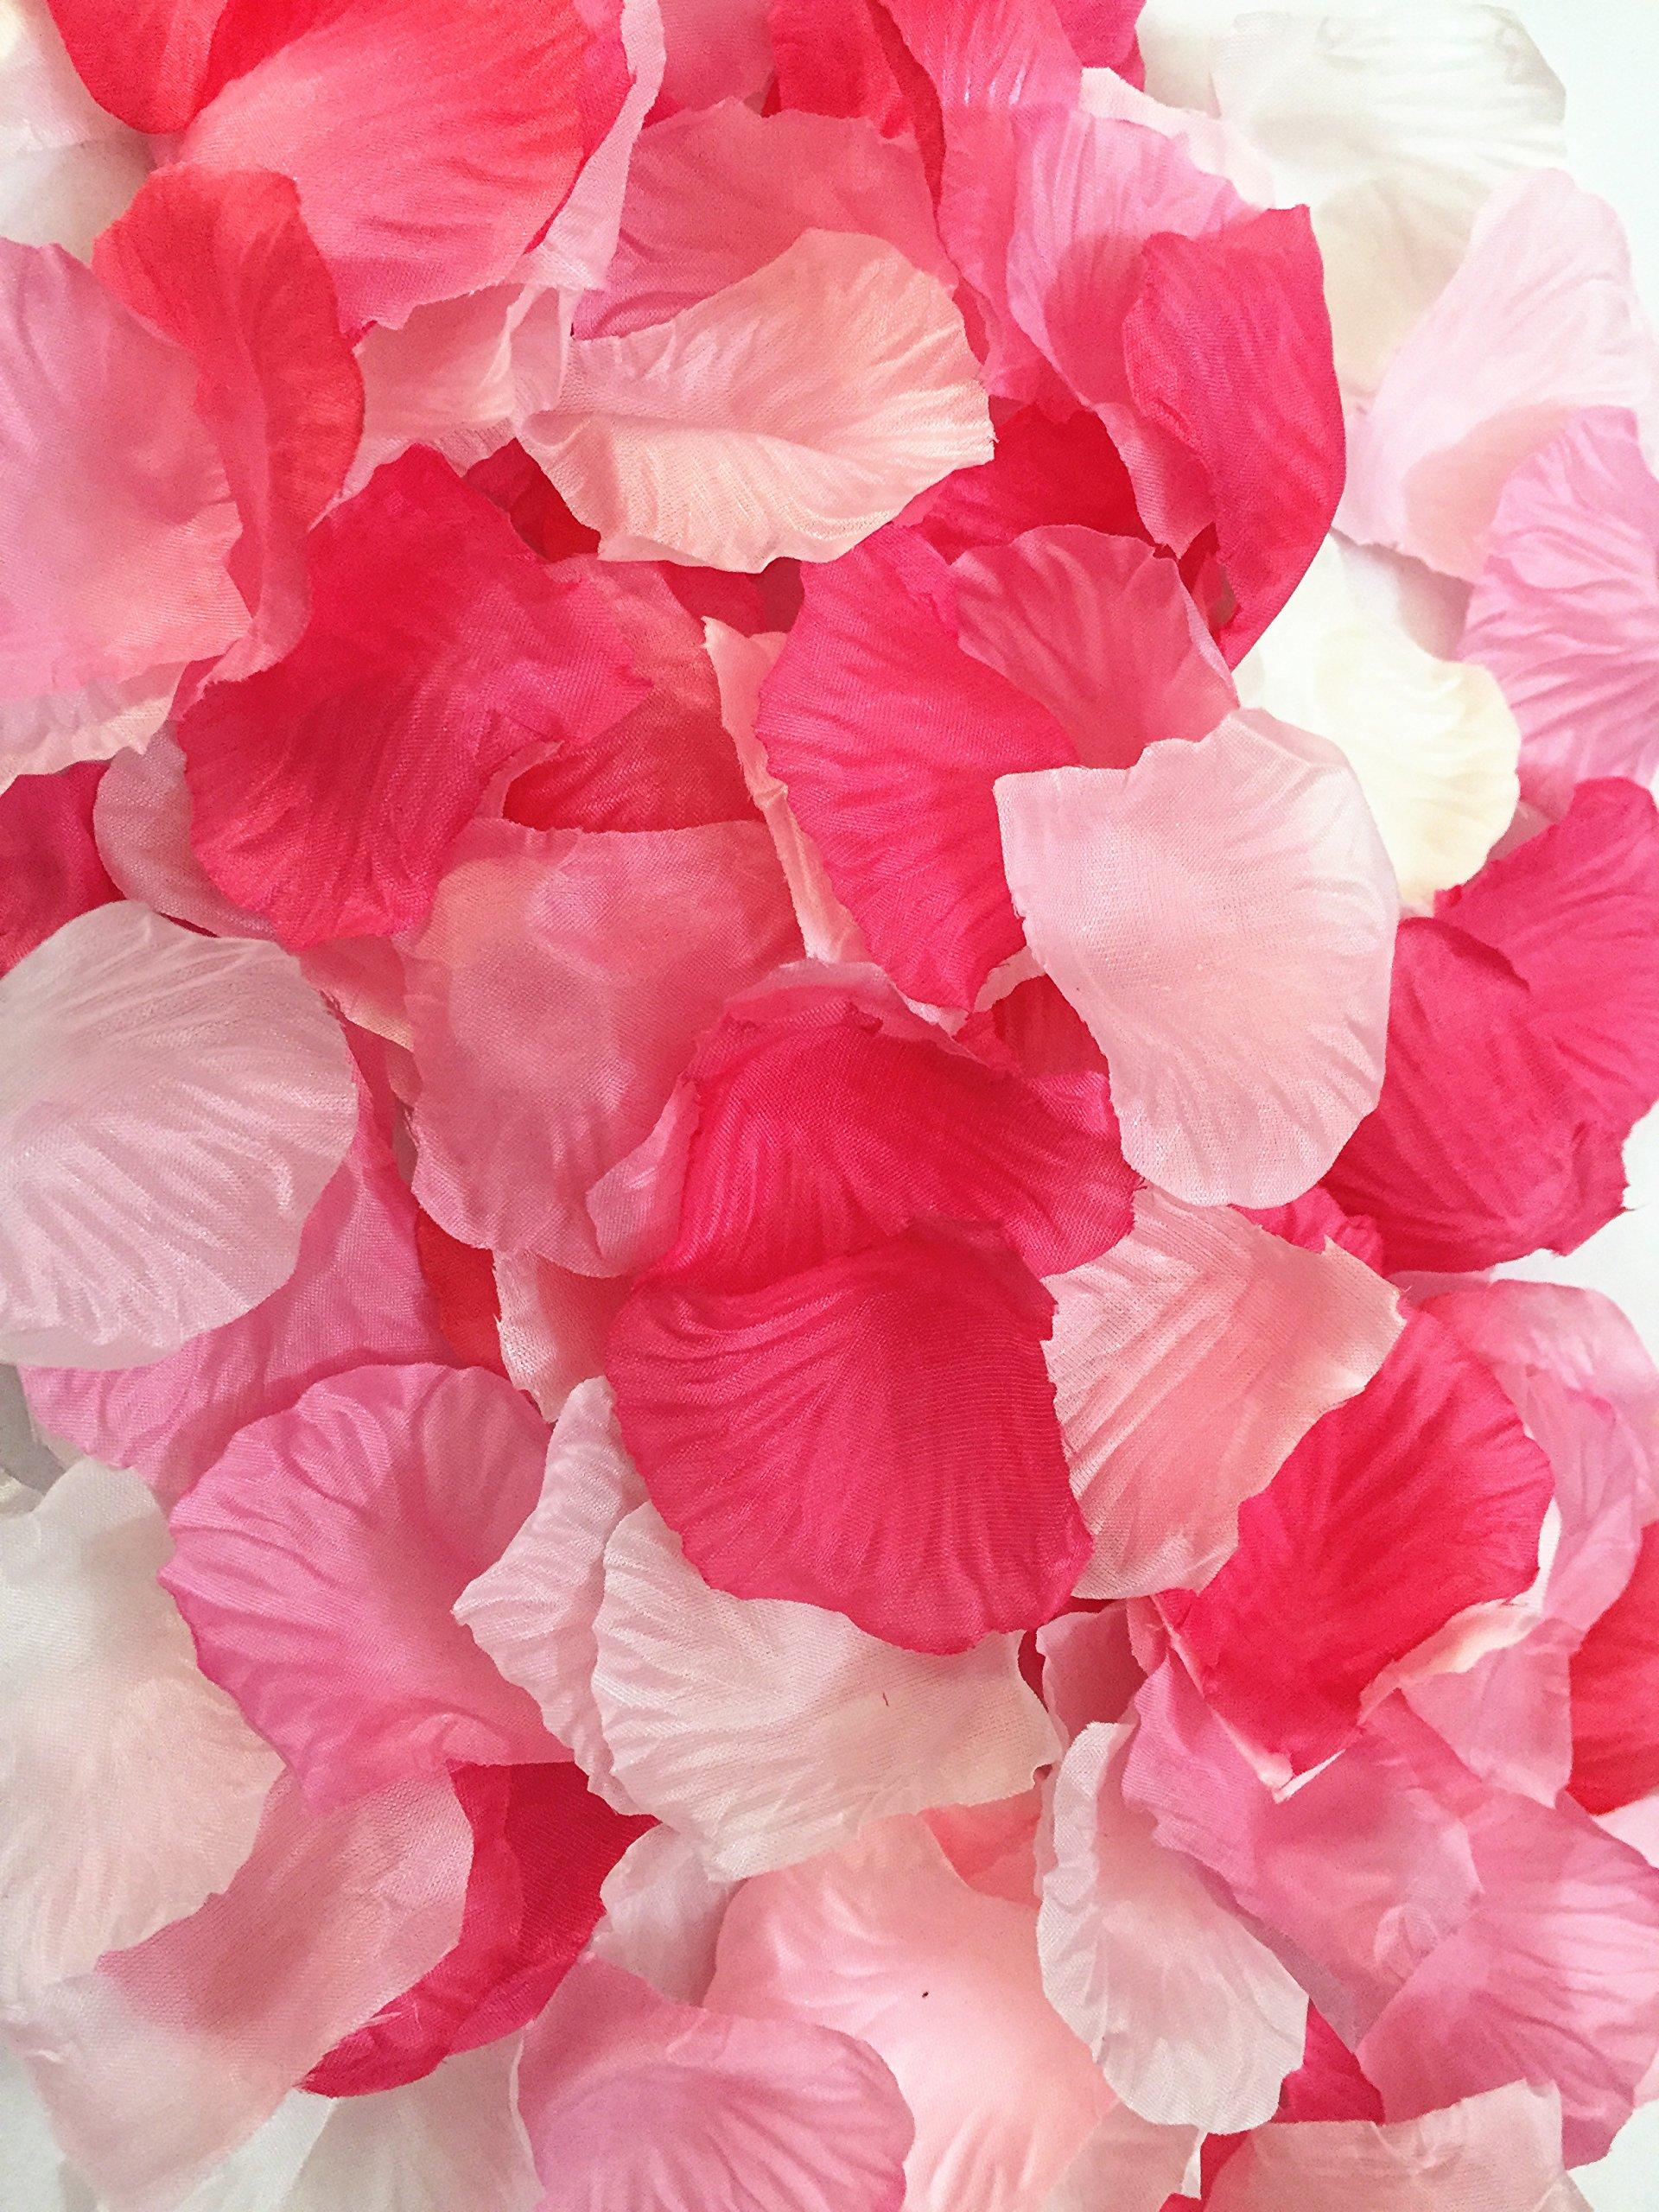 Pink Rose Petals: Amazon.com